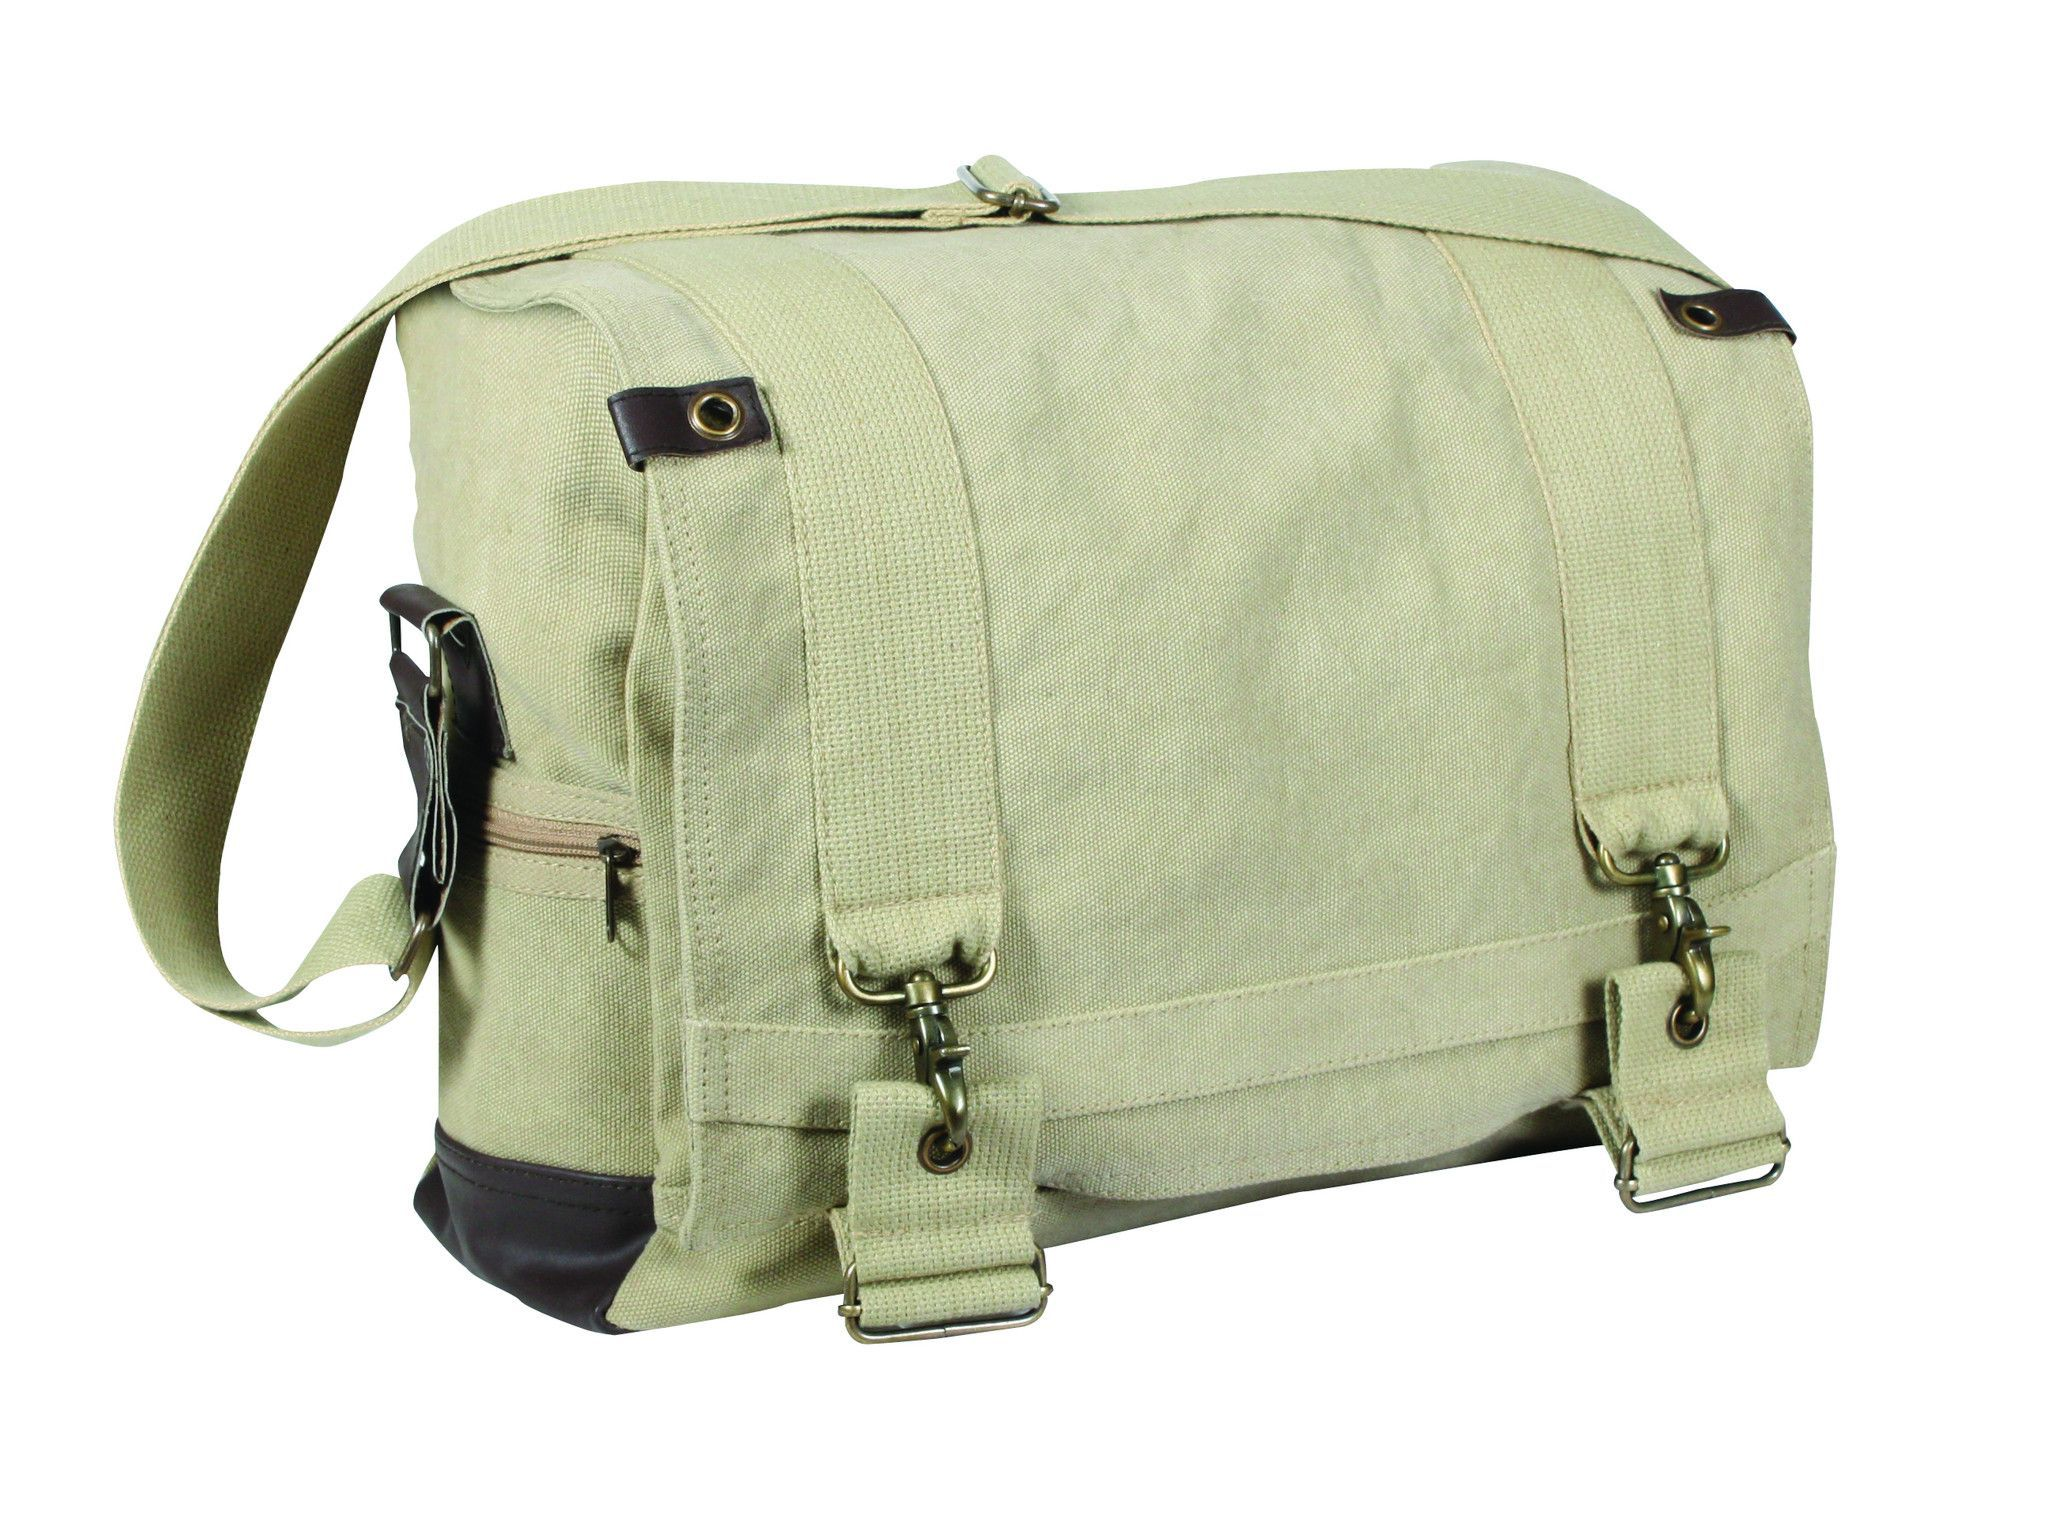 Vintage Canvas B-15 Pilot Messenger Bag